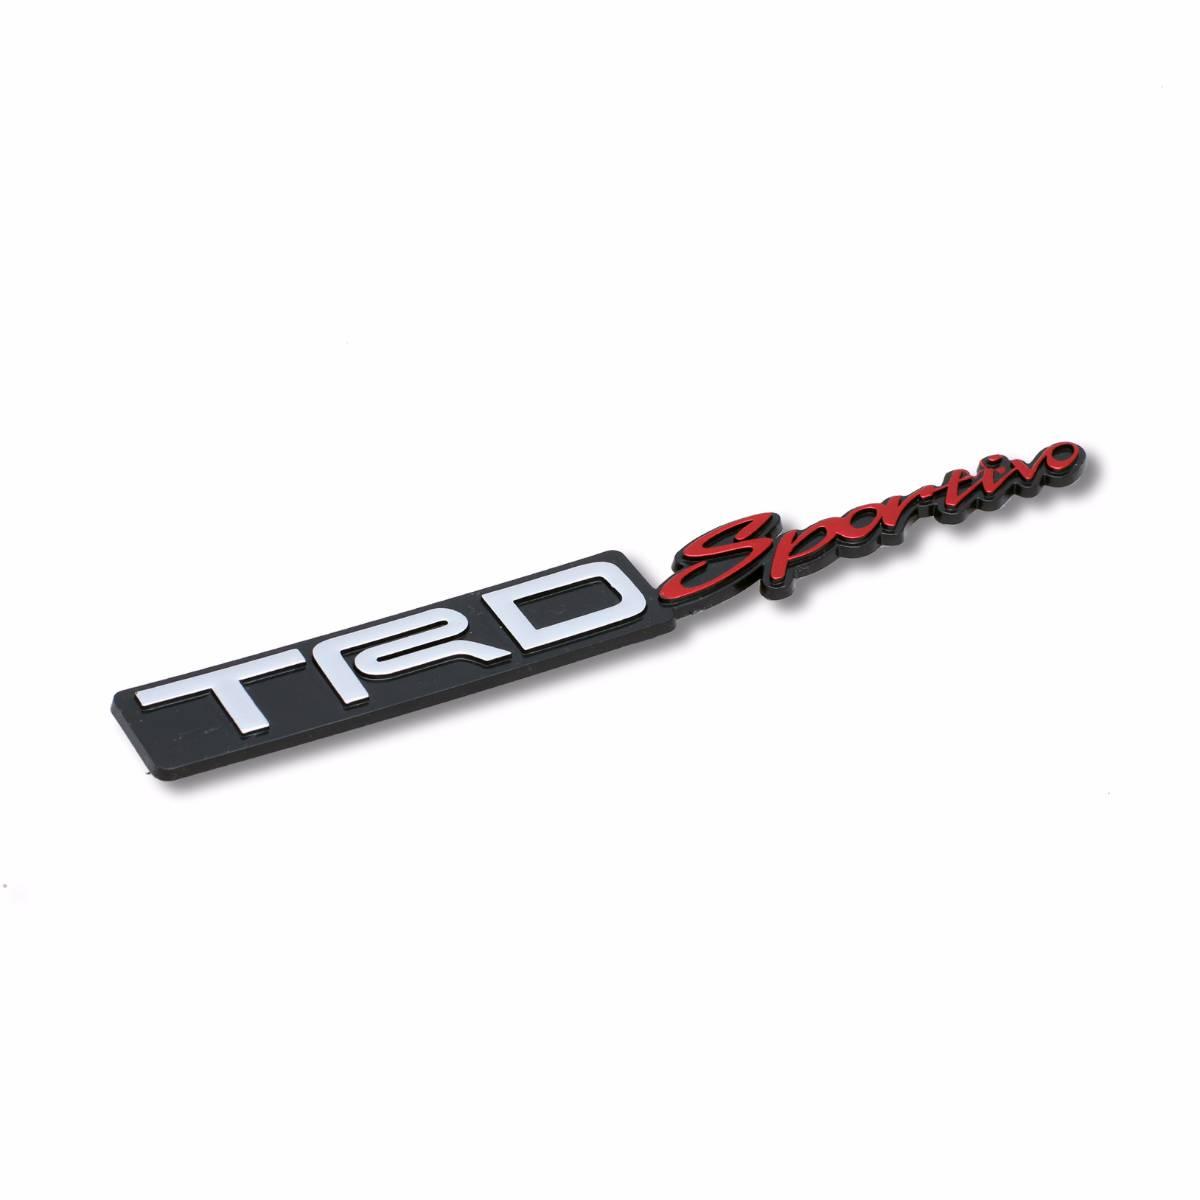 Emblem Logo Trd Sportivo - Embose Black (small)